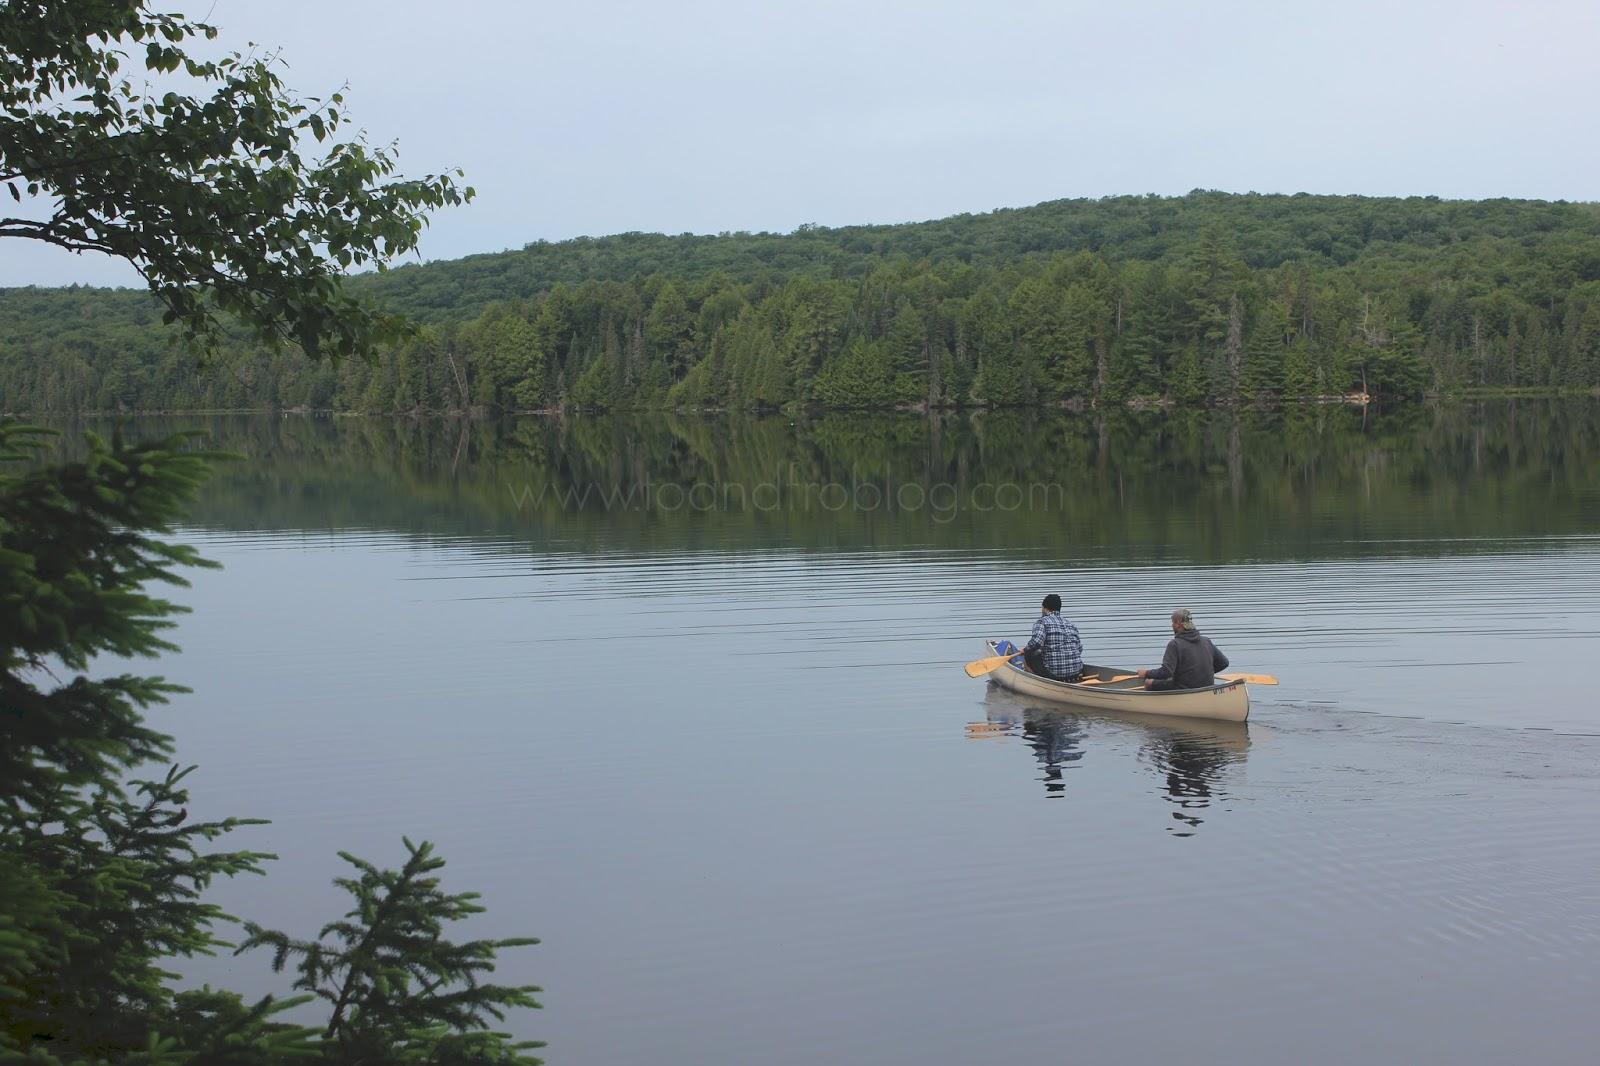 canoeing in algonquin provincial park, ontario canada